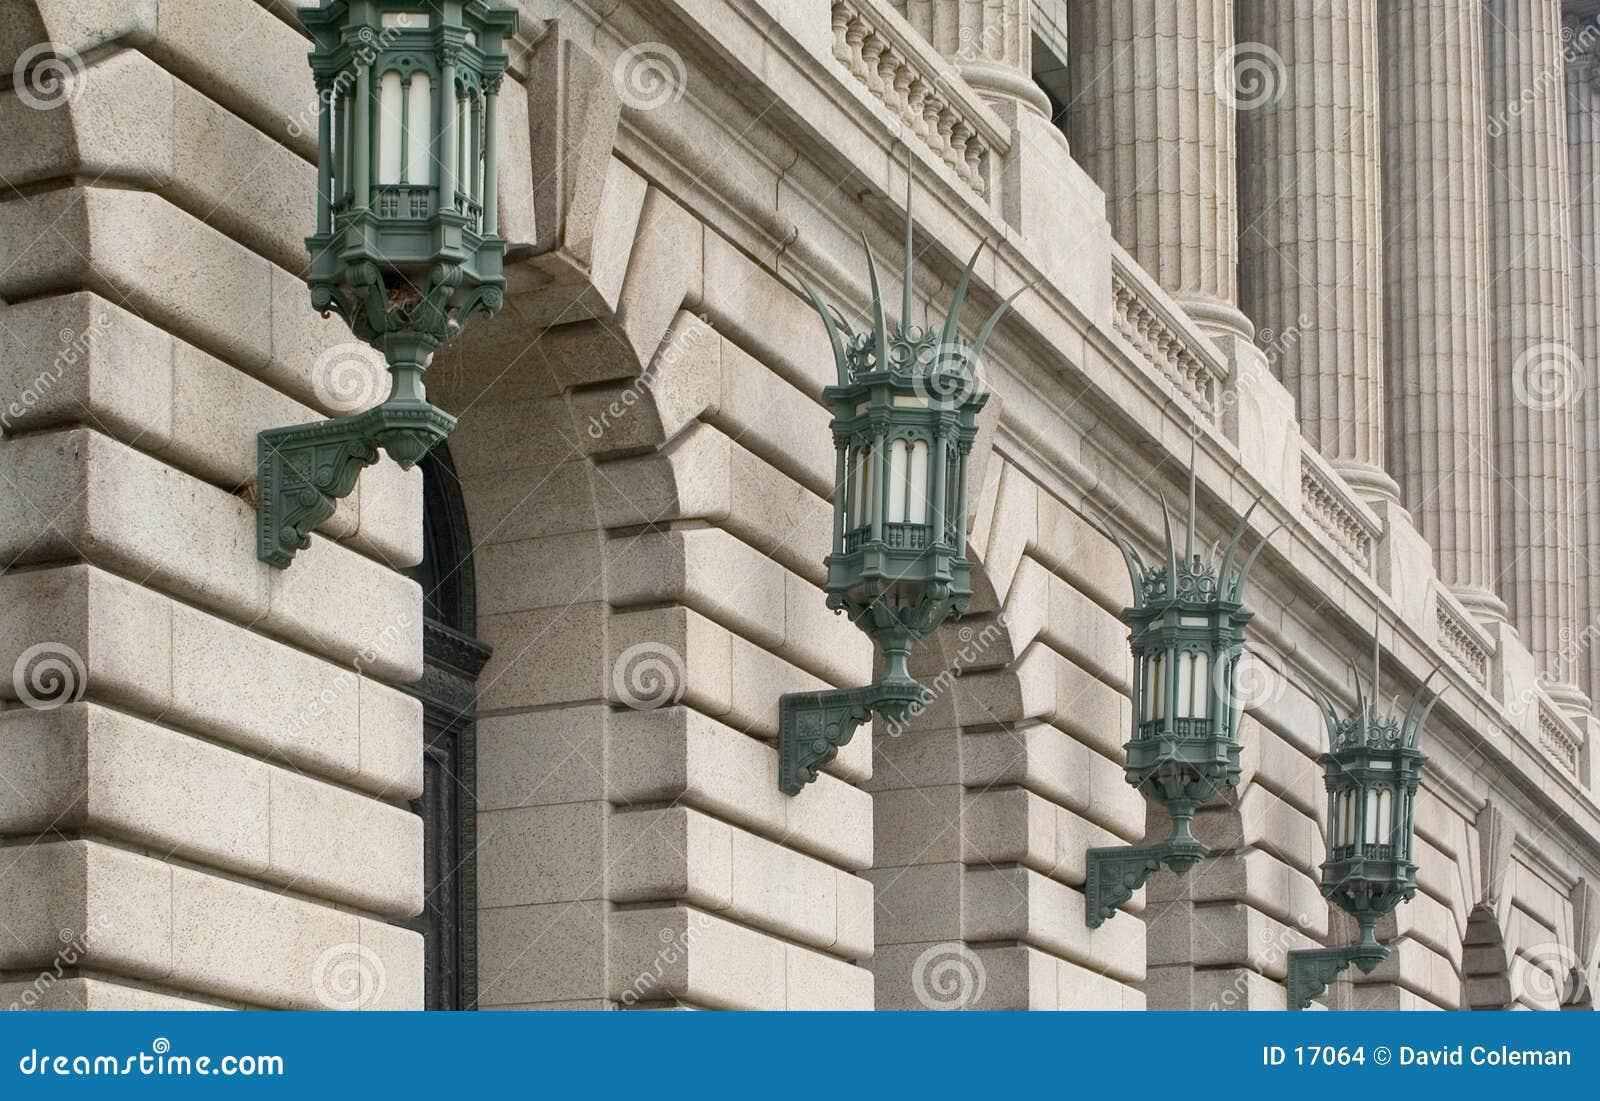 Architecturale Verlichting